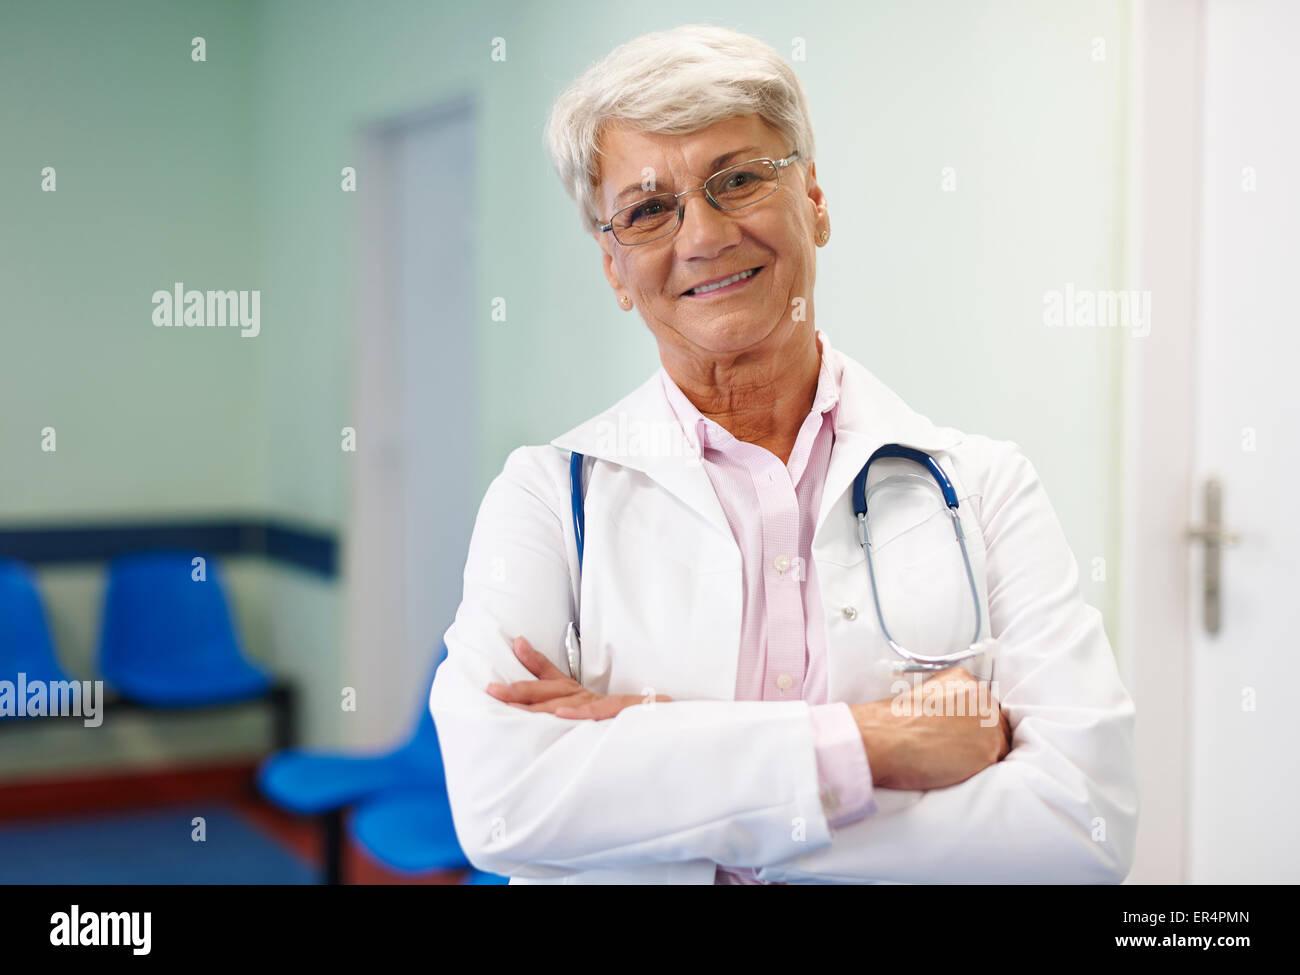 J'essaie tous les jours pour être un meilleur médecin. Debica, Pologne Photo Stock